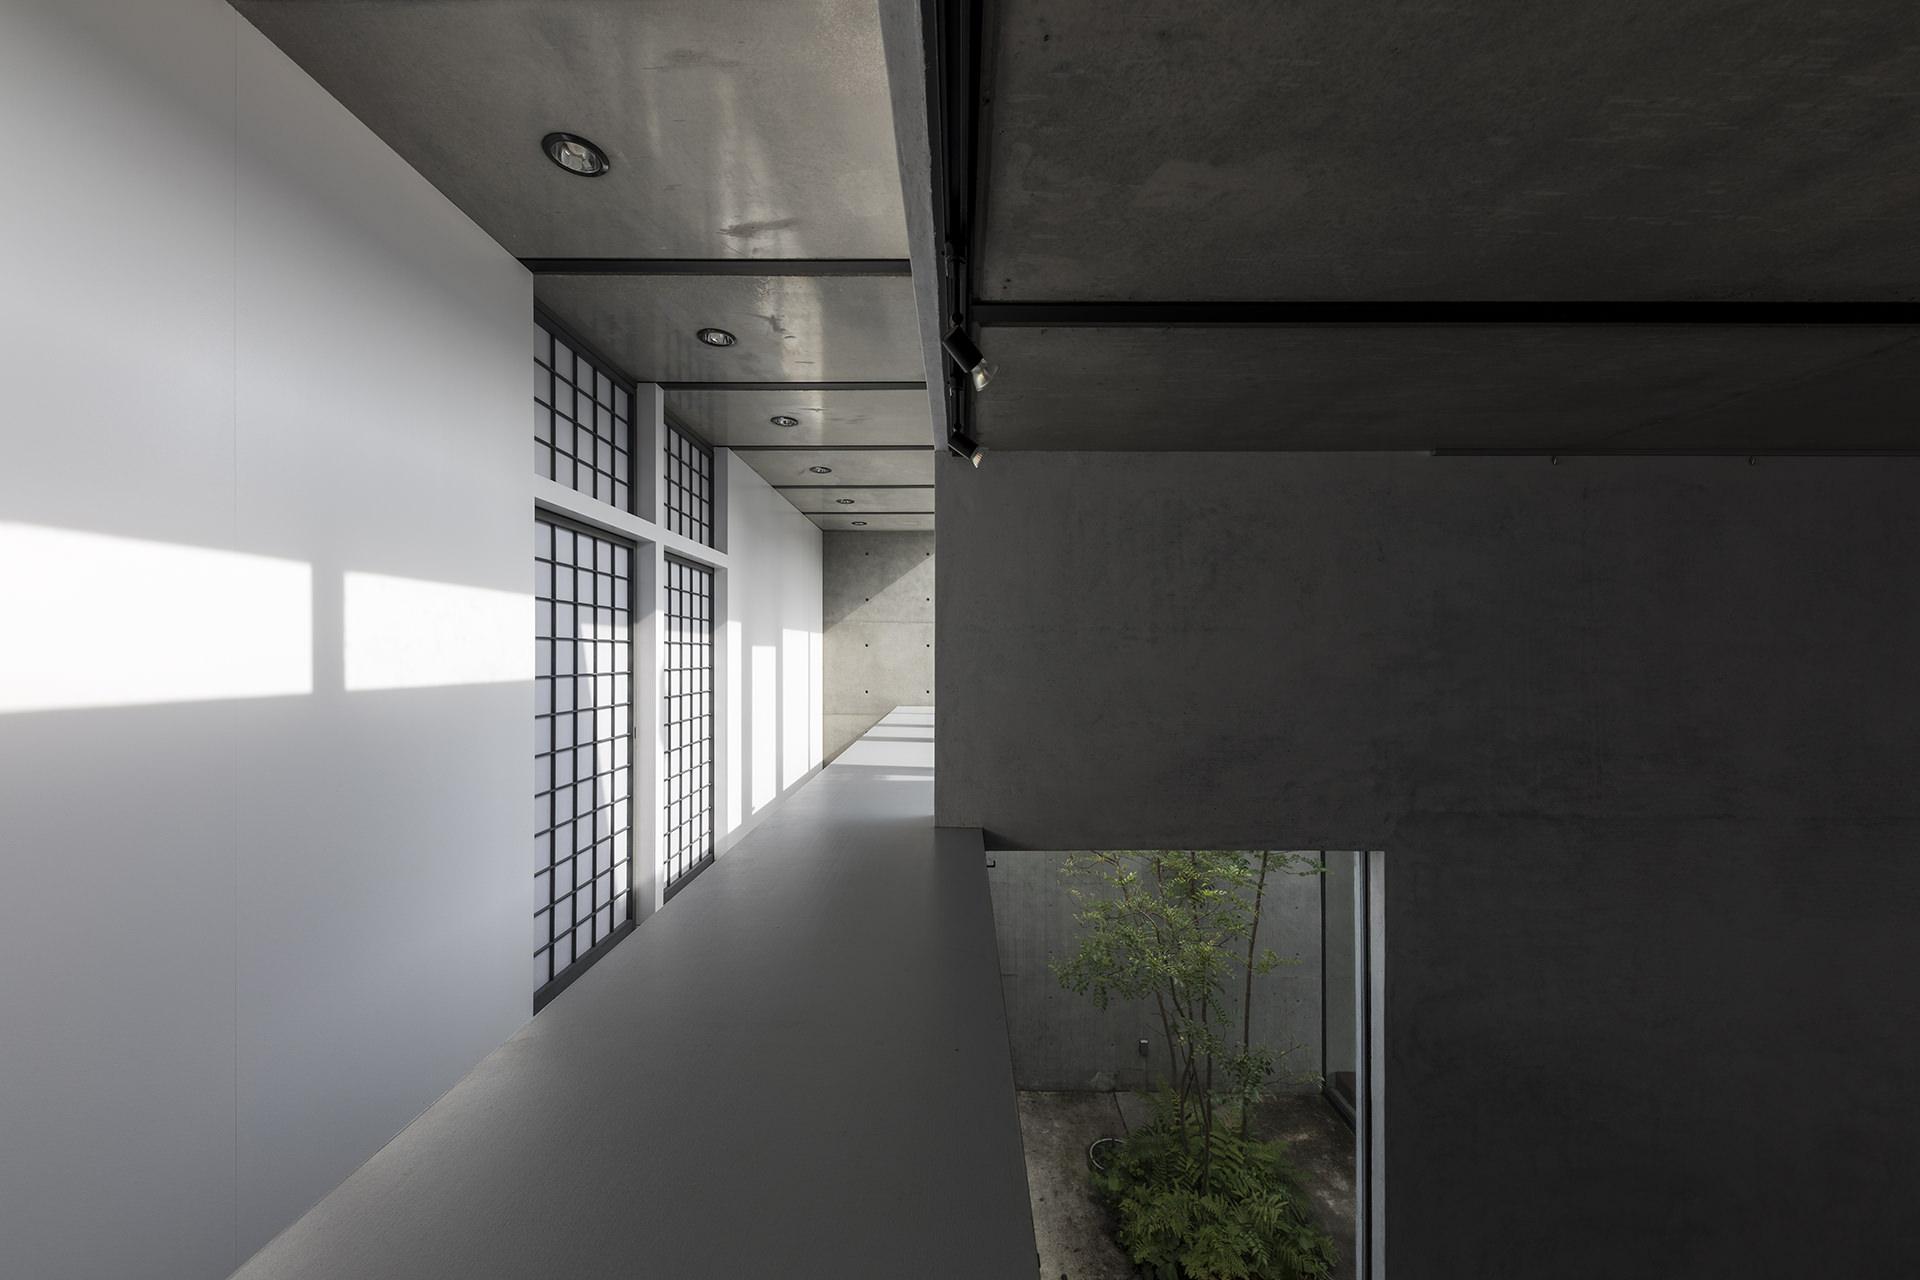 北鎌倉の家 イメージ9 撮影:東涌写真事務所・東涌宏和